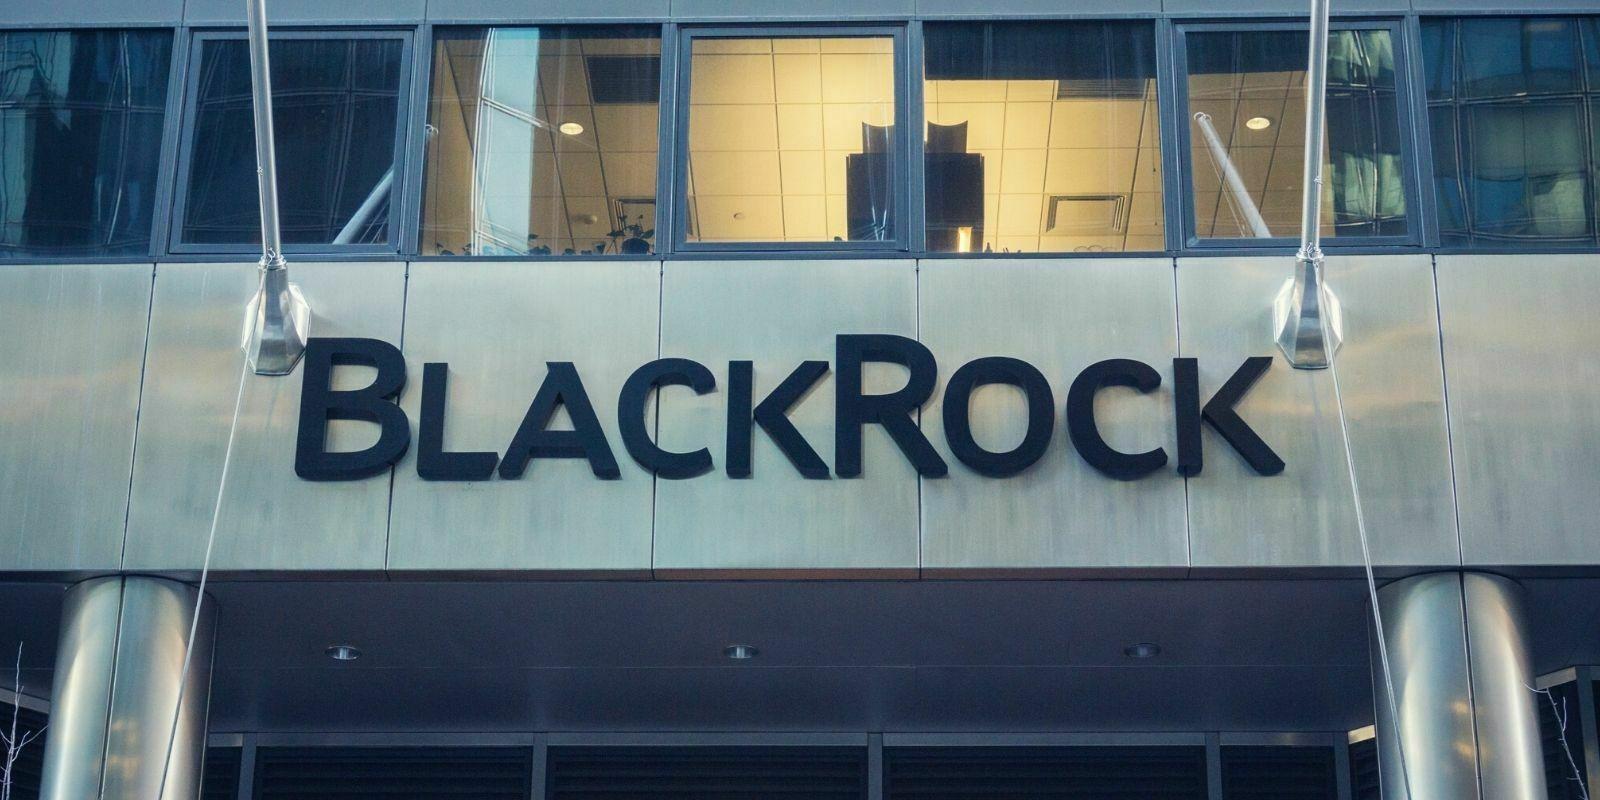 Le géant BlackRock serait-il sur le point d'investir dans le Bitcoin (BTC) ?